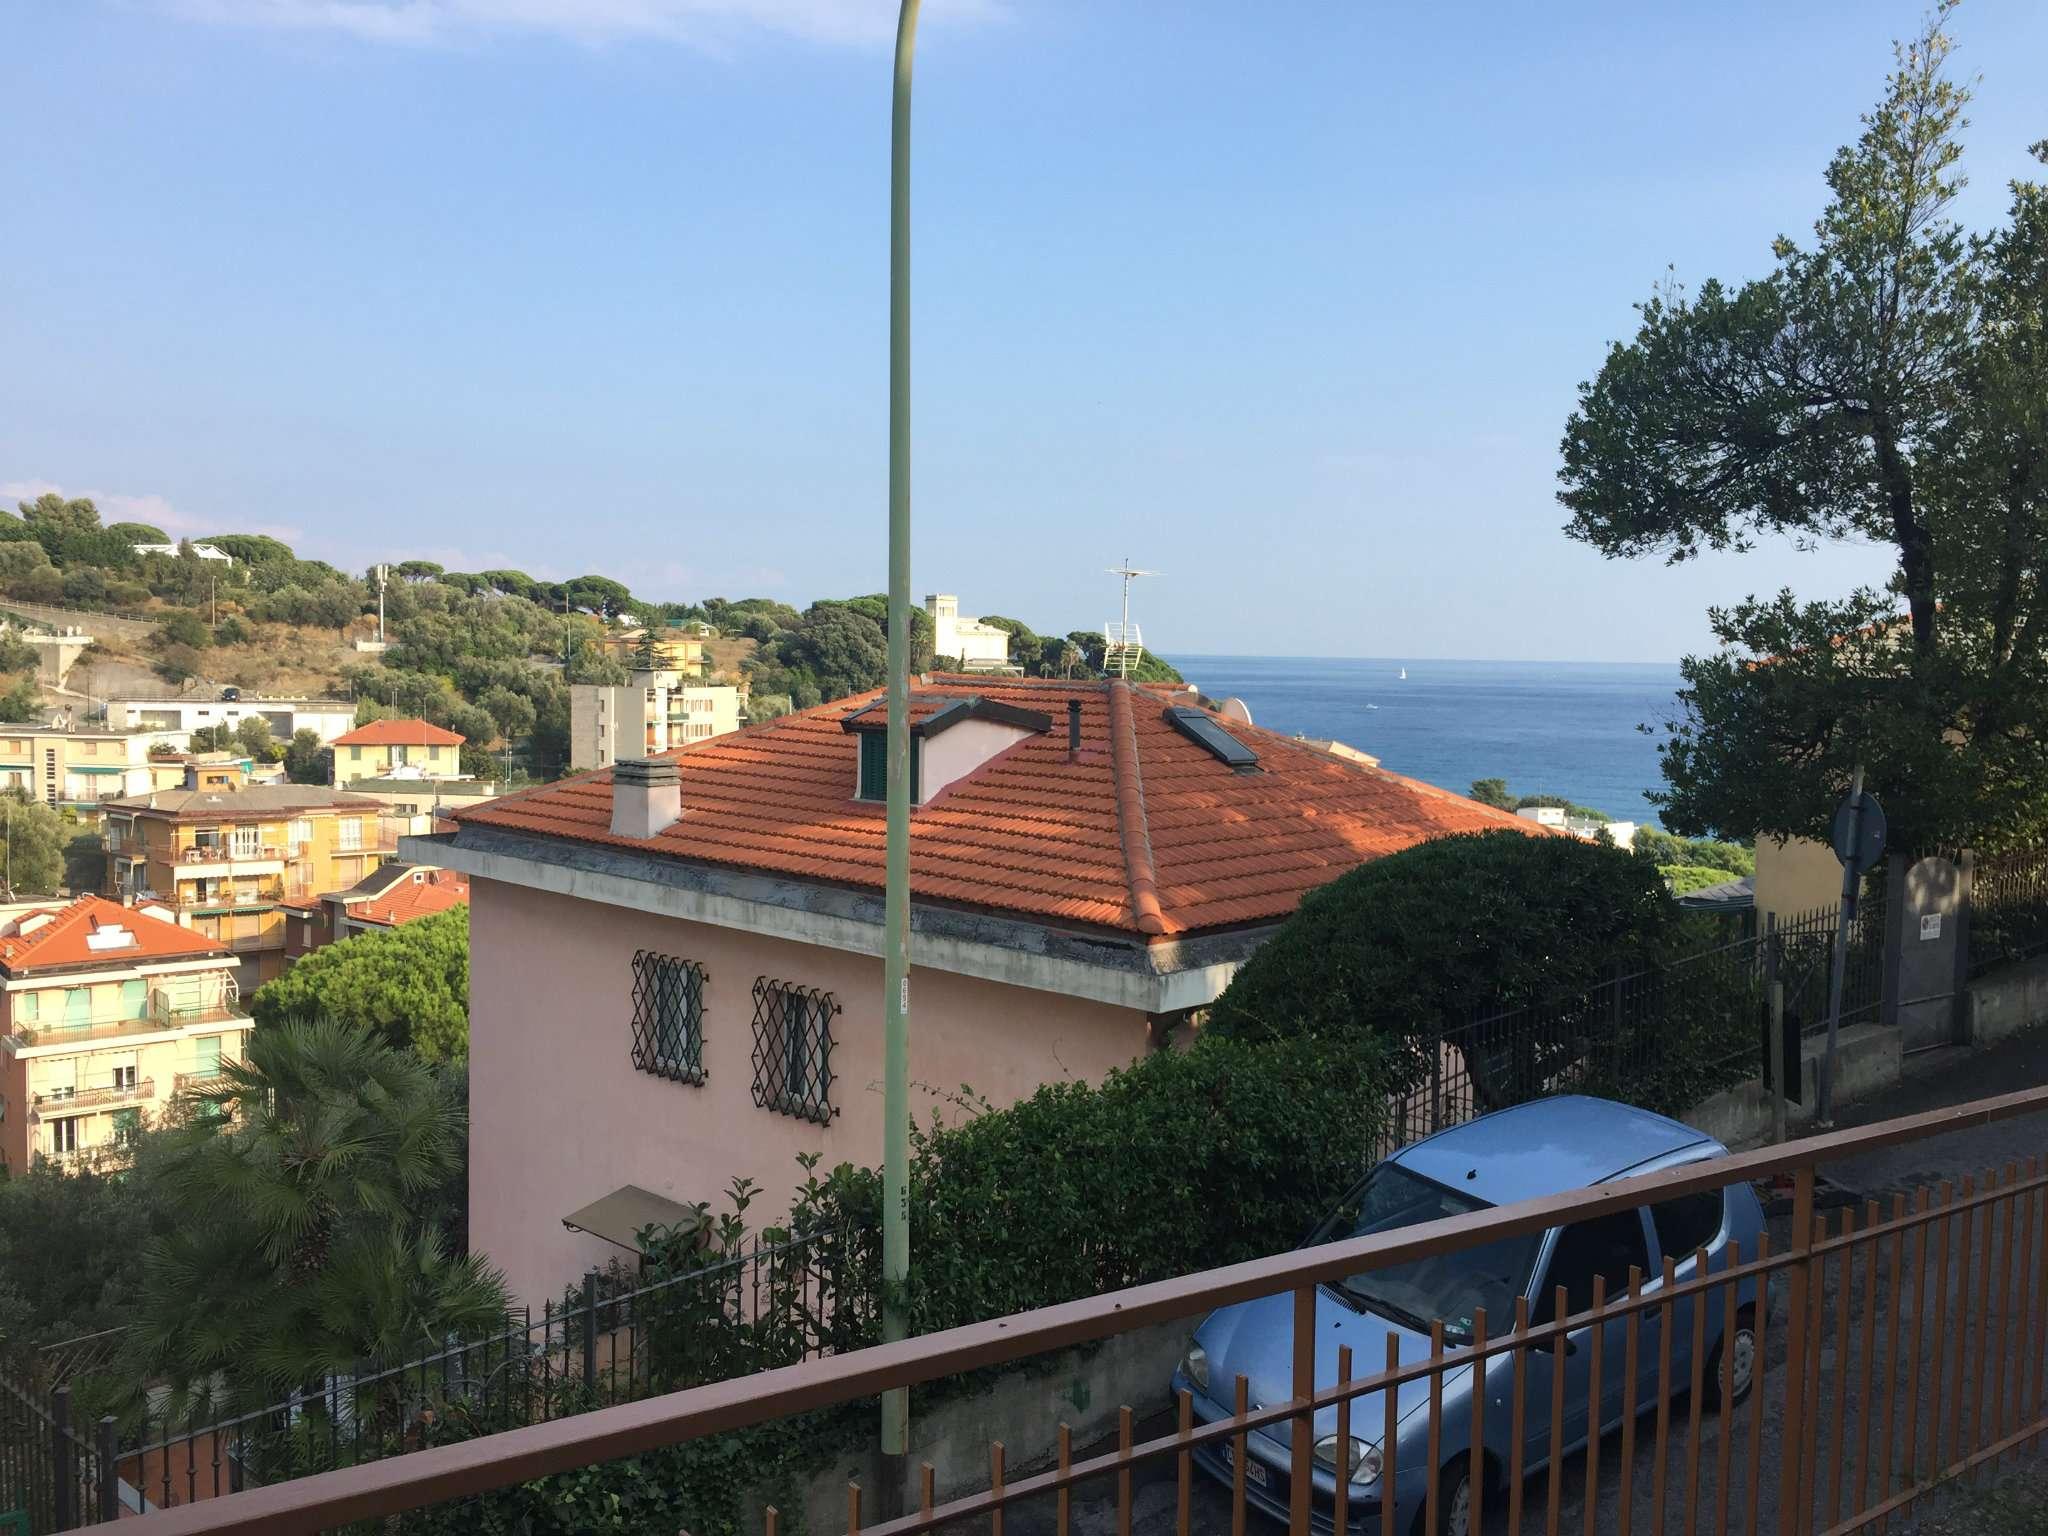 Appartamento in vendita a Celle Ligure, 3 locali, prezzo € 270.000 | CambioCasa.it